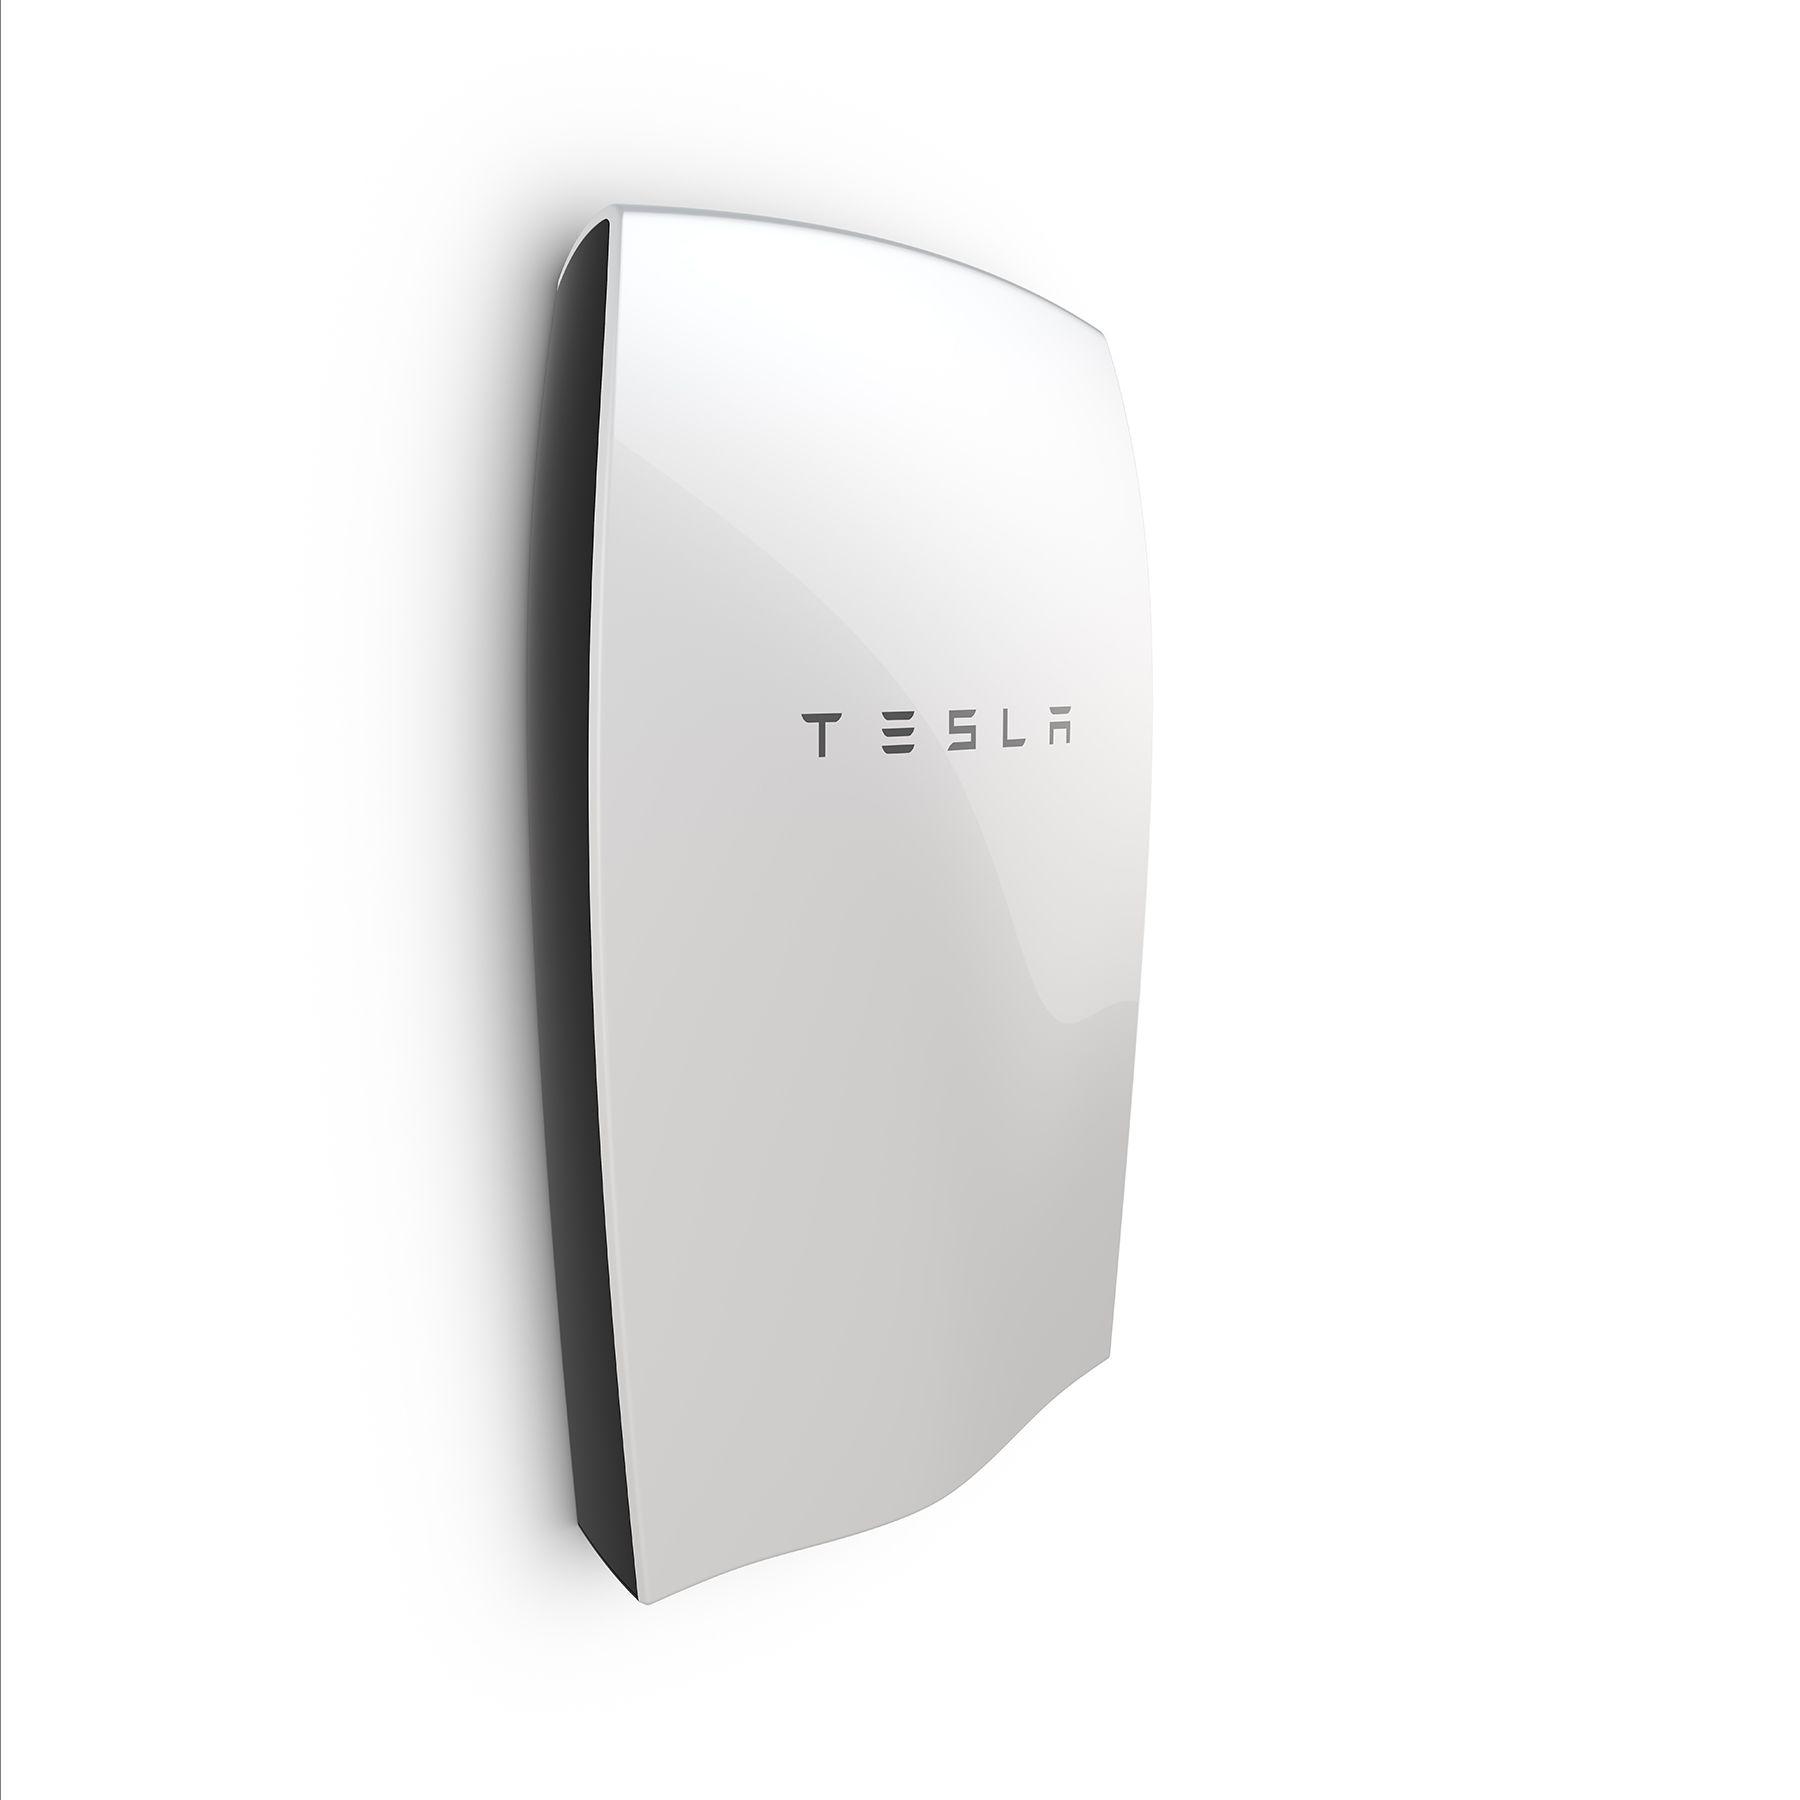 Powerwall Tesla Motors Uma Bateria De 130 Cm Para Pendurar Na Parede Carregada Por Energia Solar Sao Do Energia Solar Construcoes Sustentaveis Off The Grid